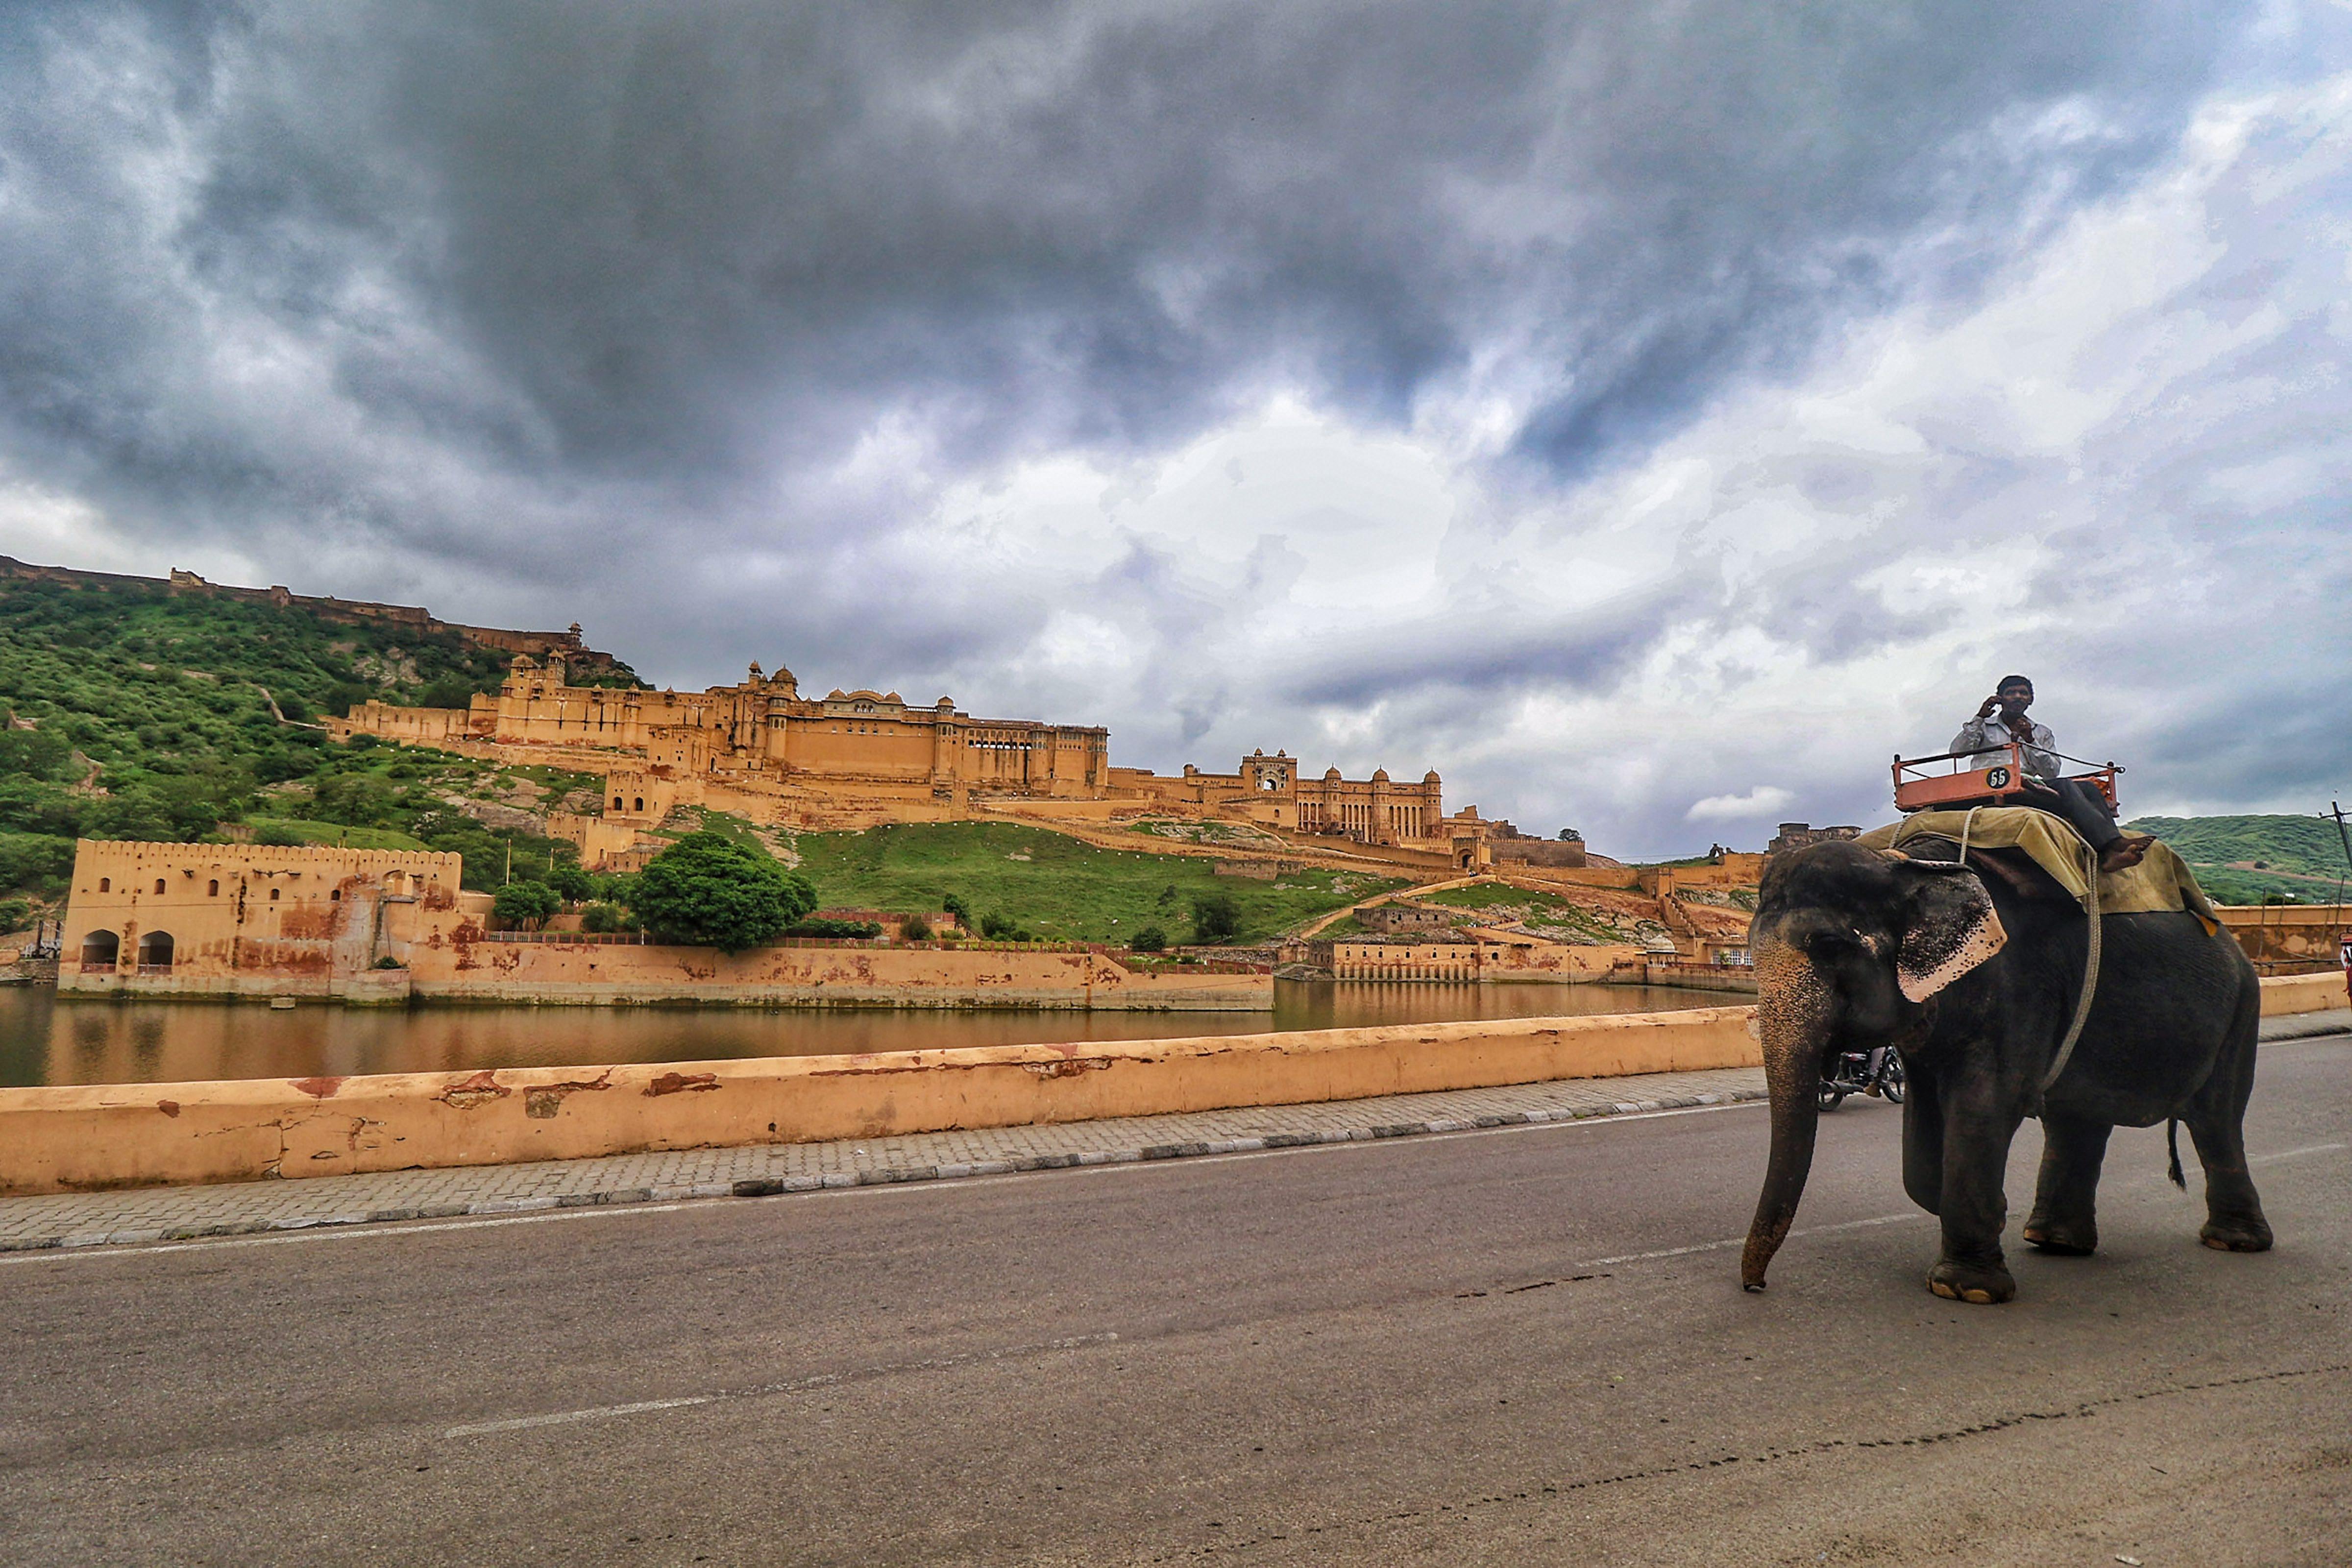 फोटो जयपुर किले की है। यहां रविवार को काले बादल छाए रहे।